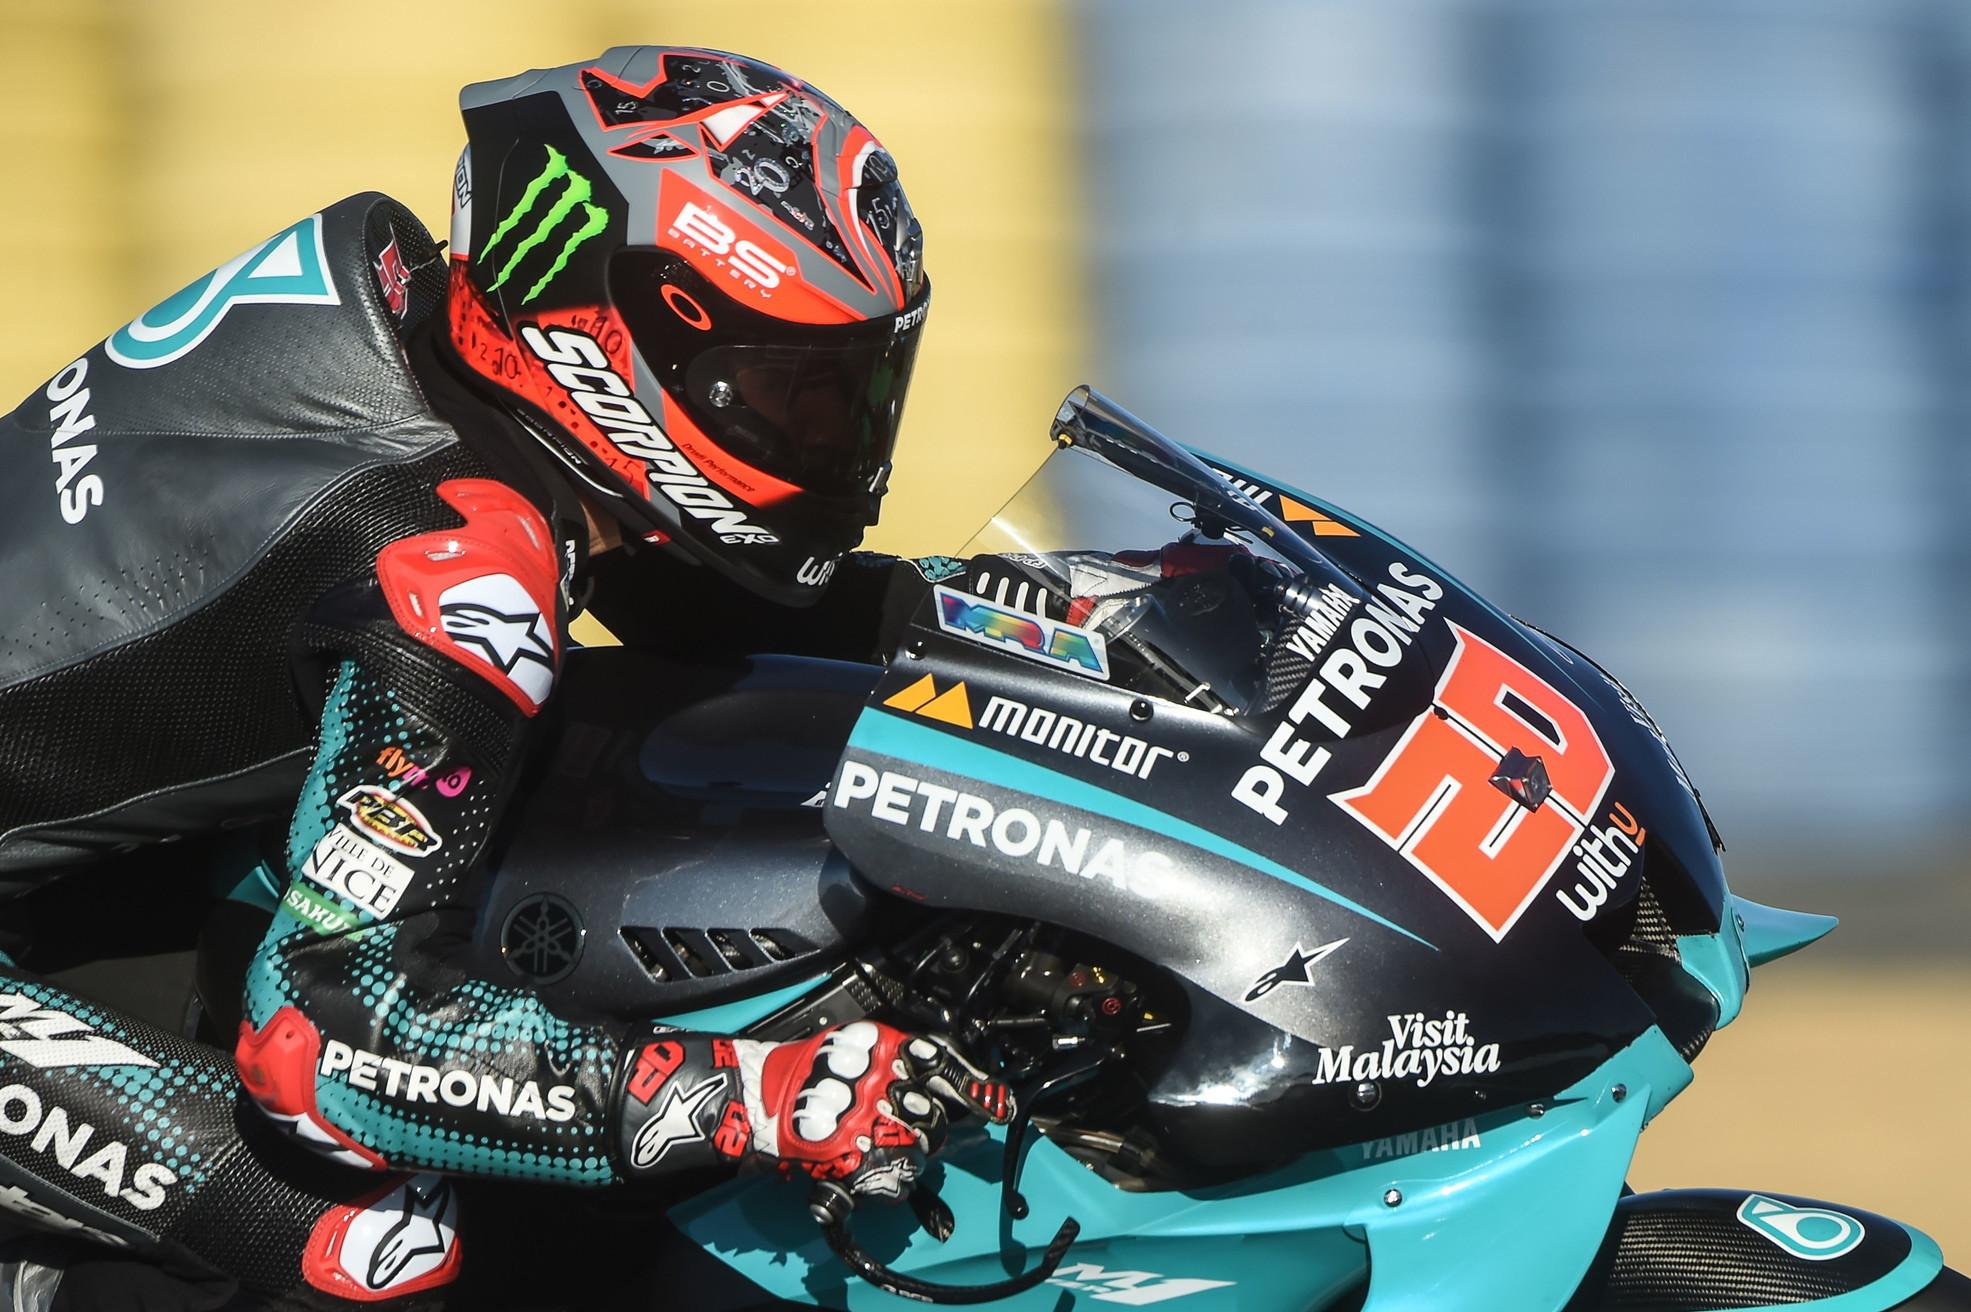 Il francese torna a conquistare la prima casella in griglia di partenza ad oltre due mesi di distanza dall&#39;ultima volta (Jerez-2)<br /><br />